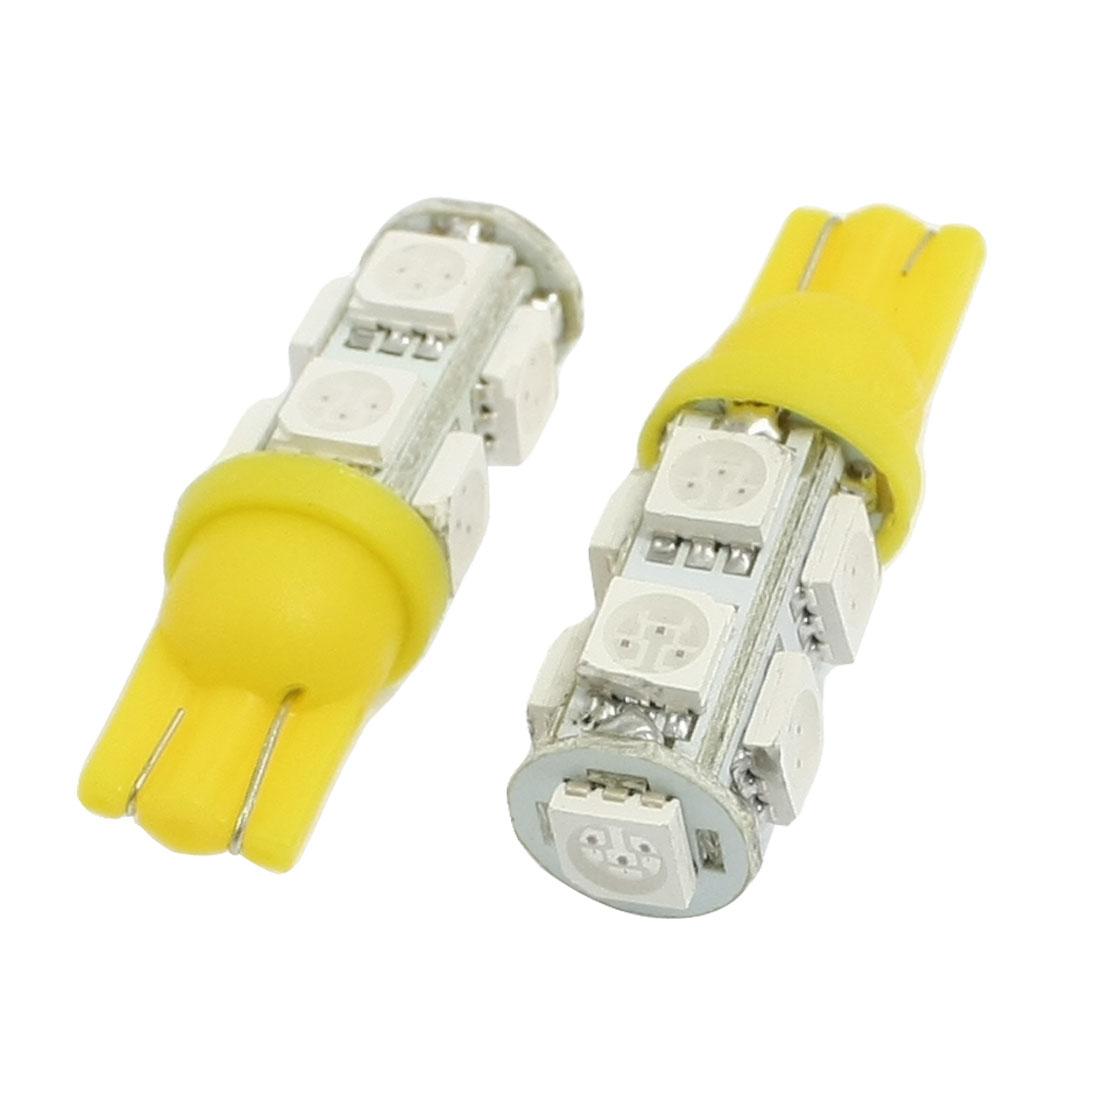 2 Pcs Car Auto T10 Yellow 5050 9-SMD LED Bulb Light Lamp